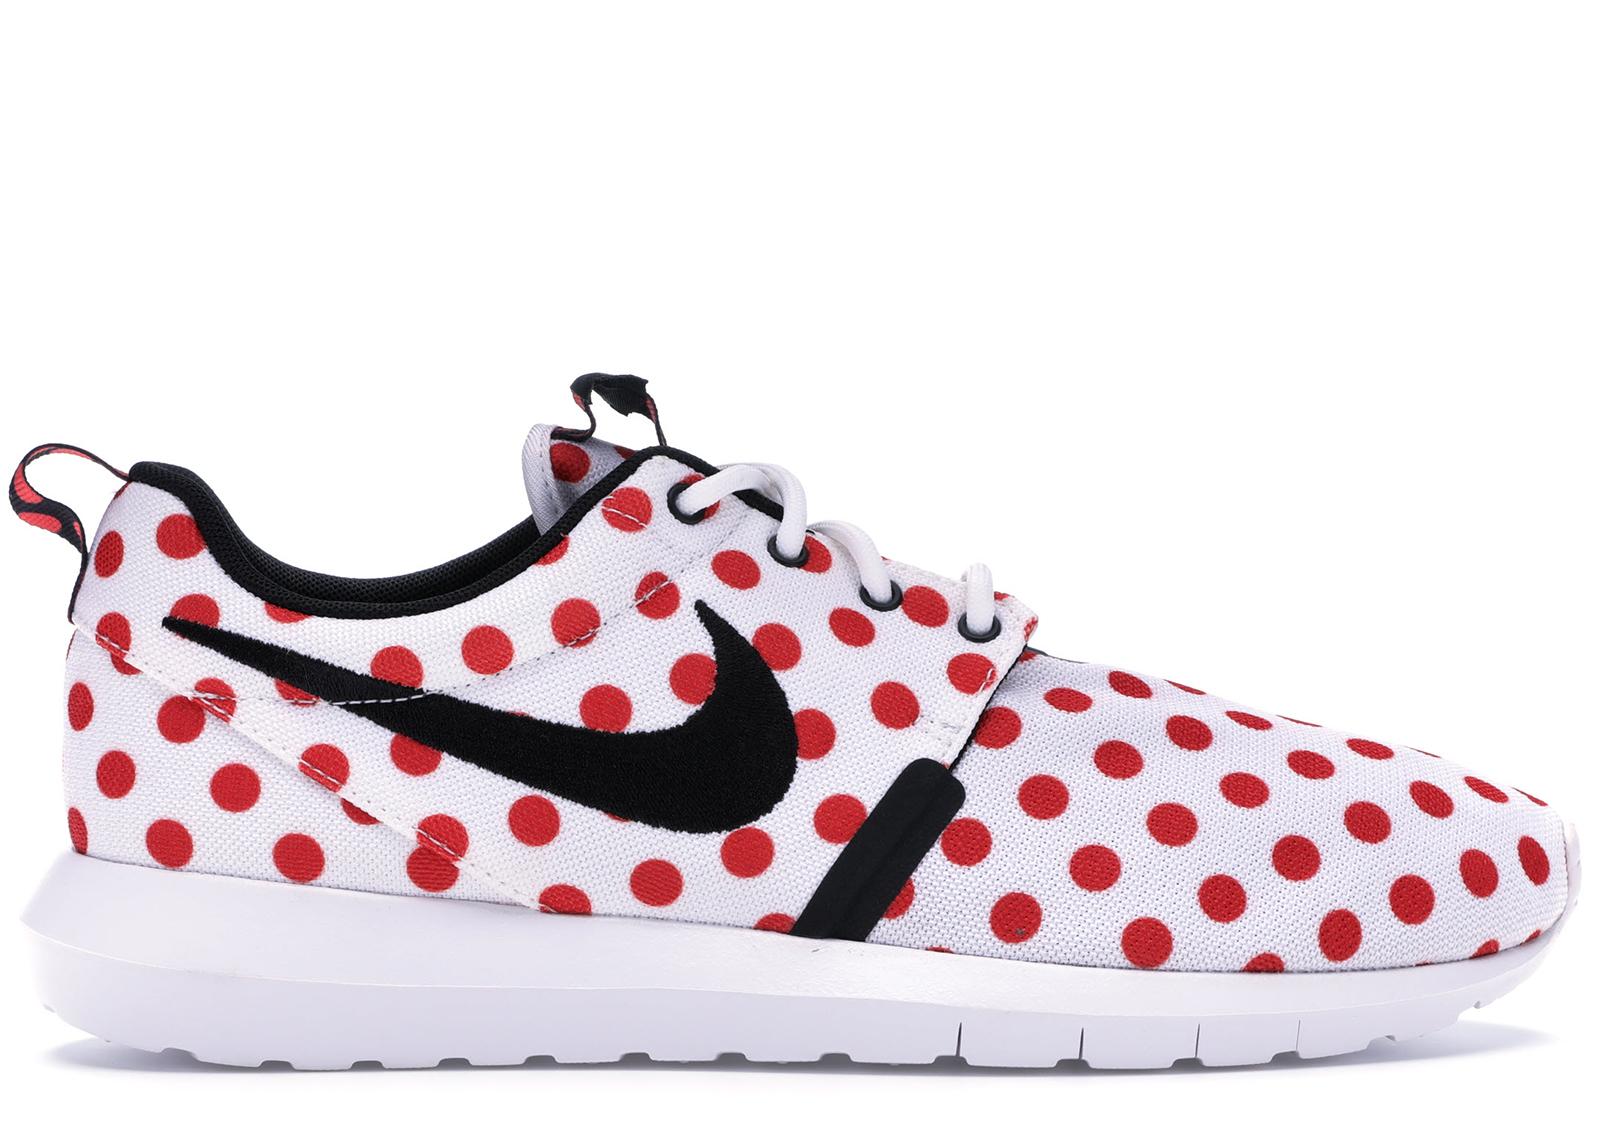 Nike Roshe Run Polka Dot Pack White